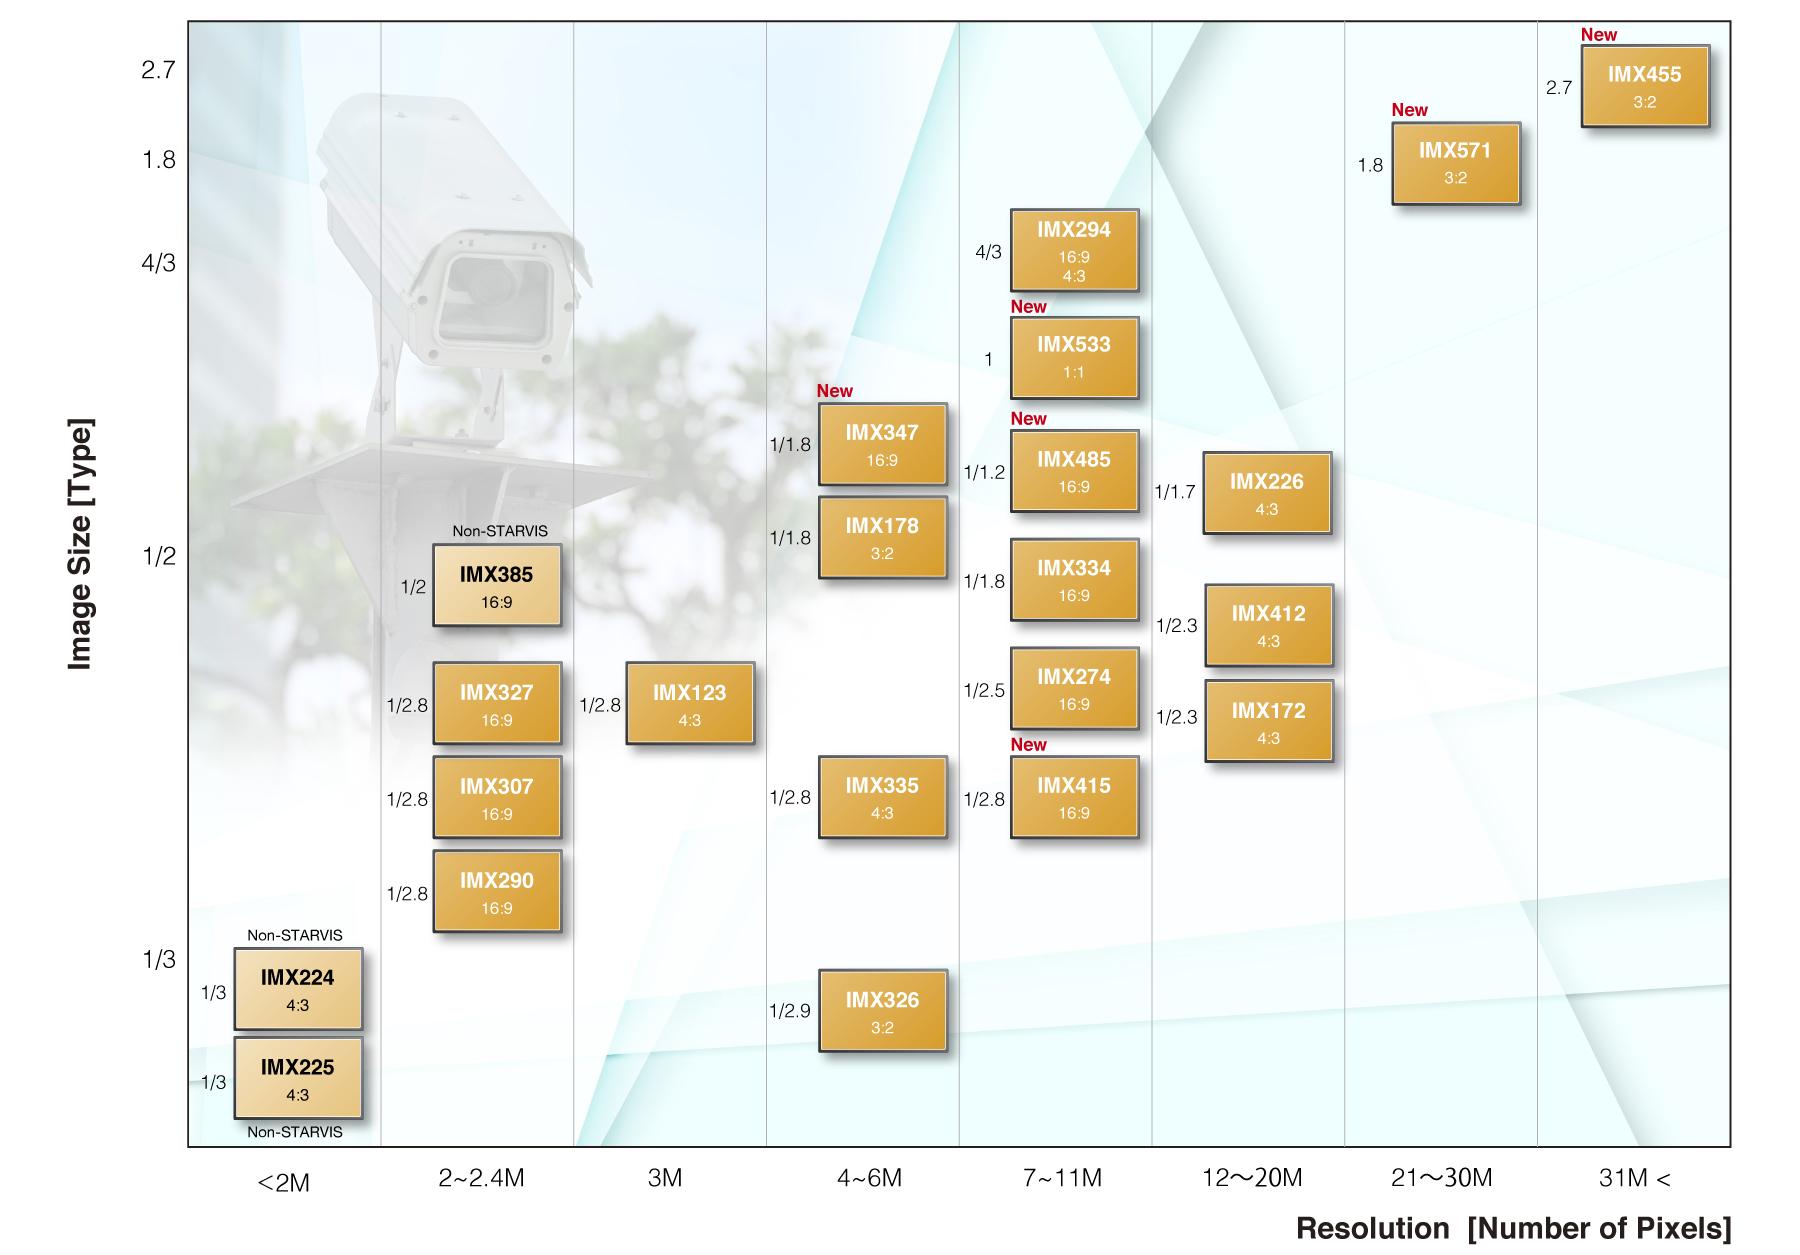 Таблица данных  продукт безопасности сенсоры изображения Sony 2019-2020 года